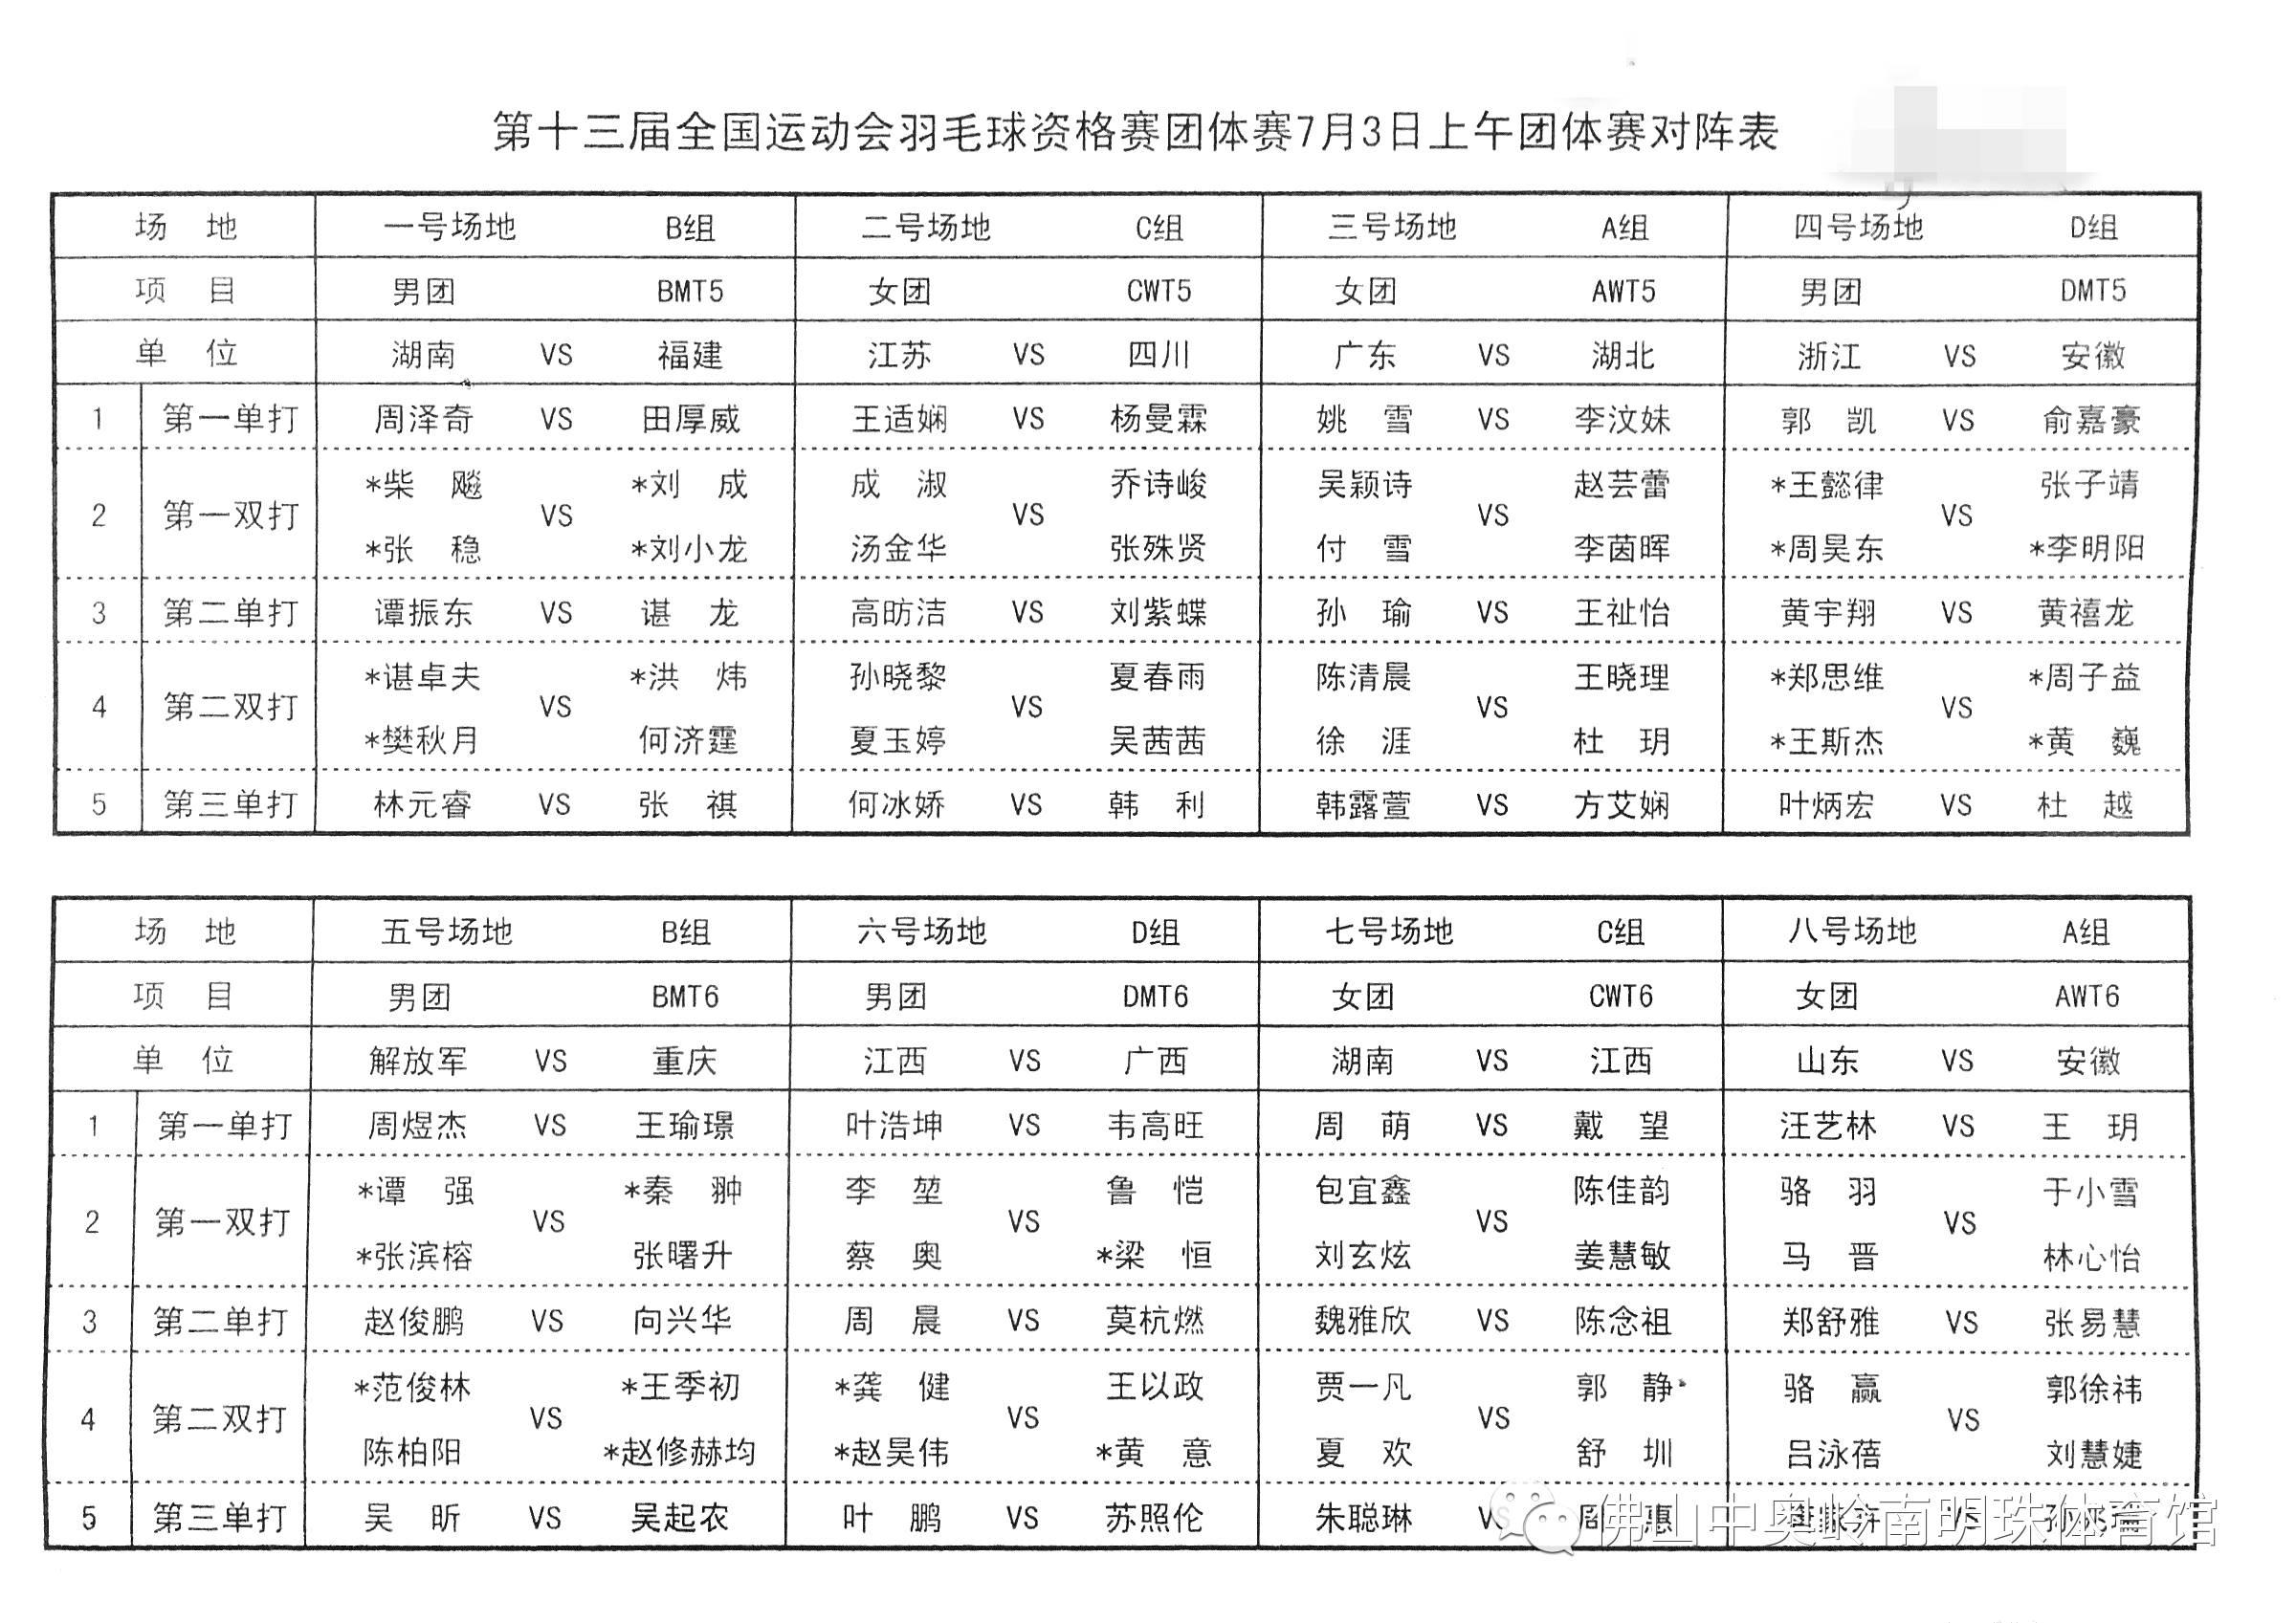 赛事资讯 林丹 张楠 傅海峰再次代表各自省队出战资格赛 内附赛事回顾和明日对阵表